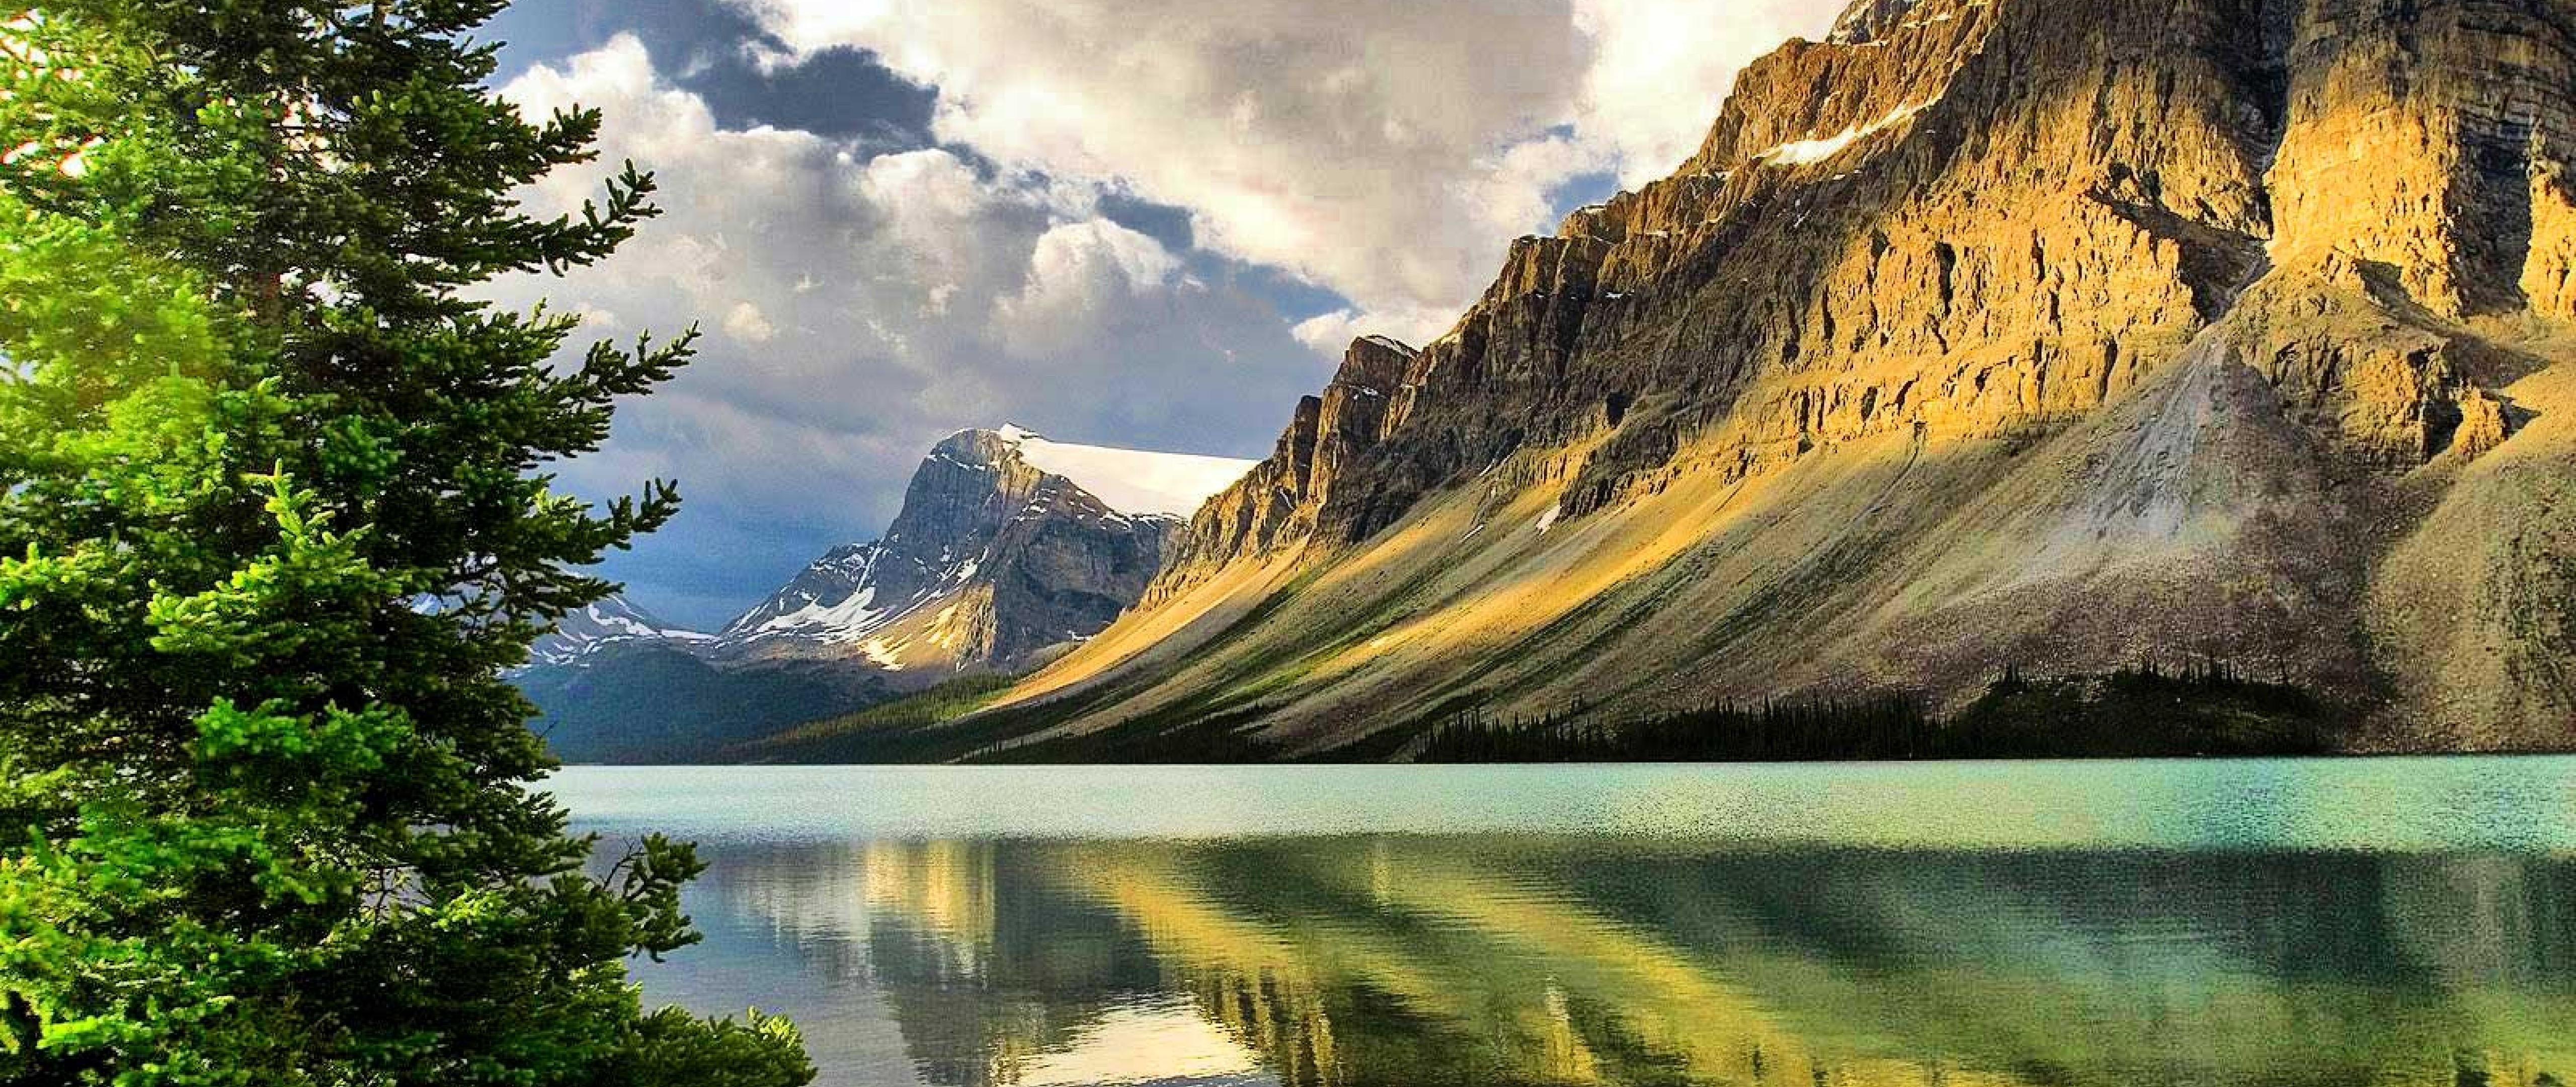 Inspirational Nature Hd Wallpaper 4k Ultra Hd Wide Tv Hd Wallpaper Wallpapers Net